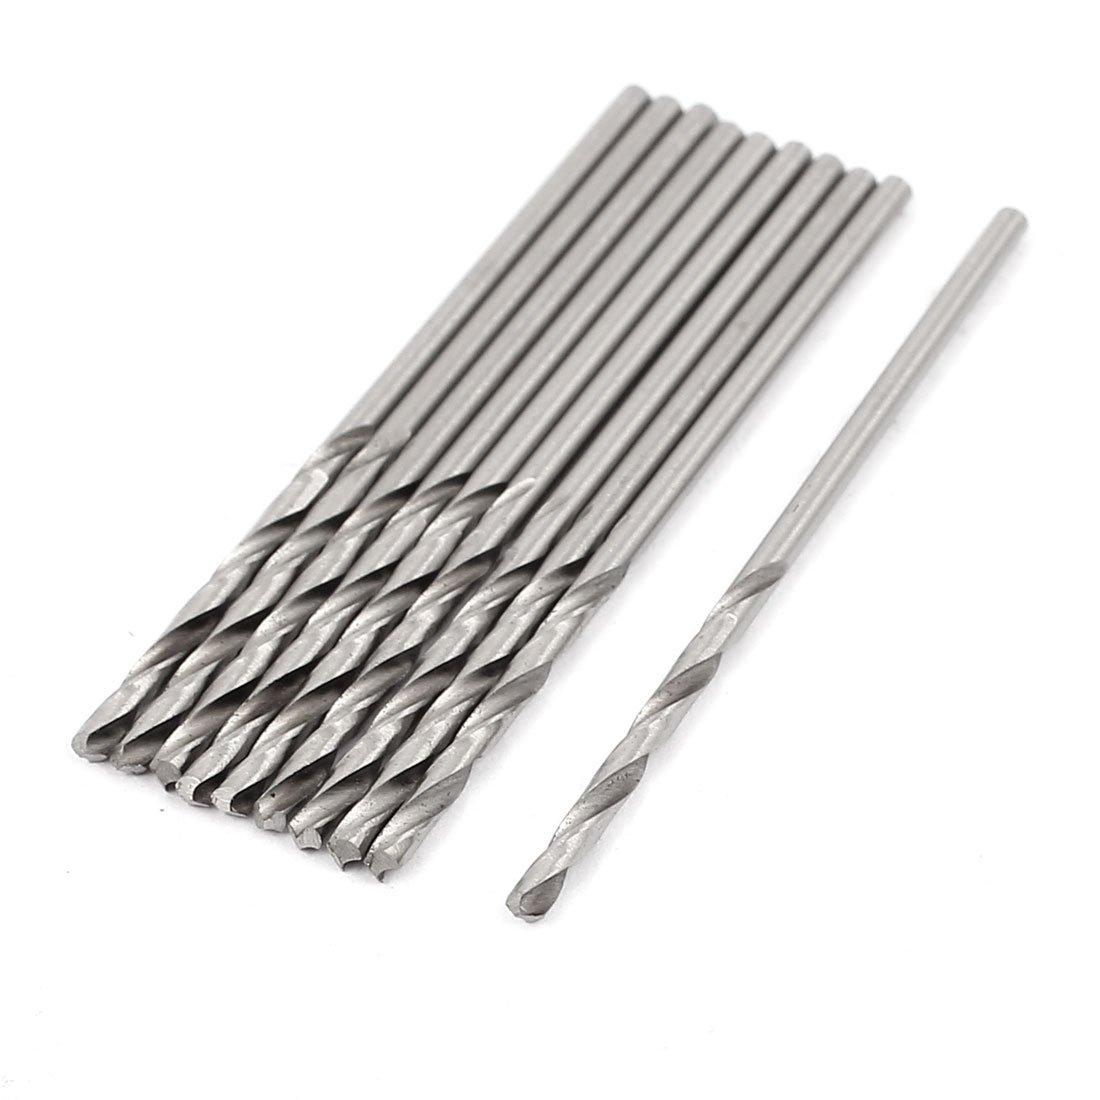 uxcell 10 Pcs 1.3mm Cutting Dia HSS Round Shank Twist Drilling Bit Silver Tone